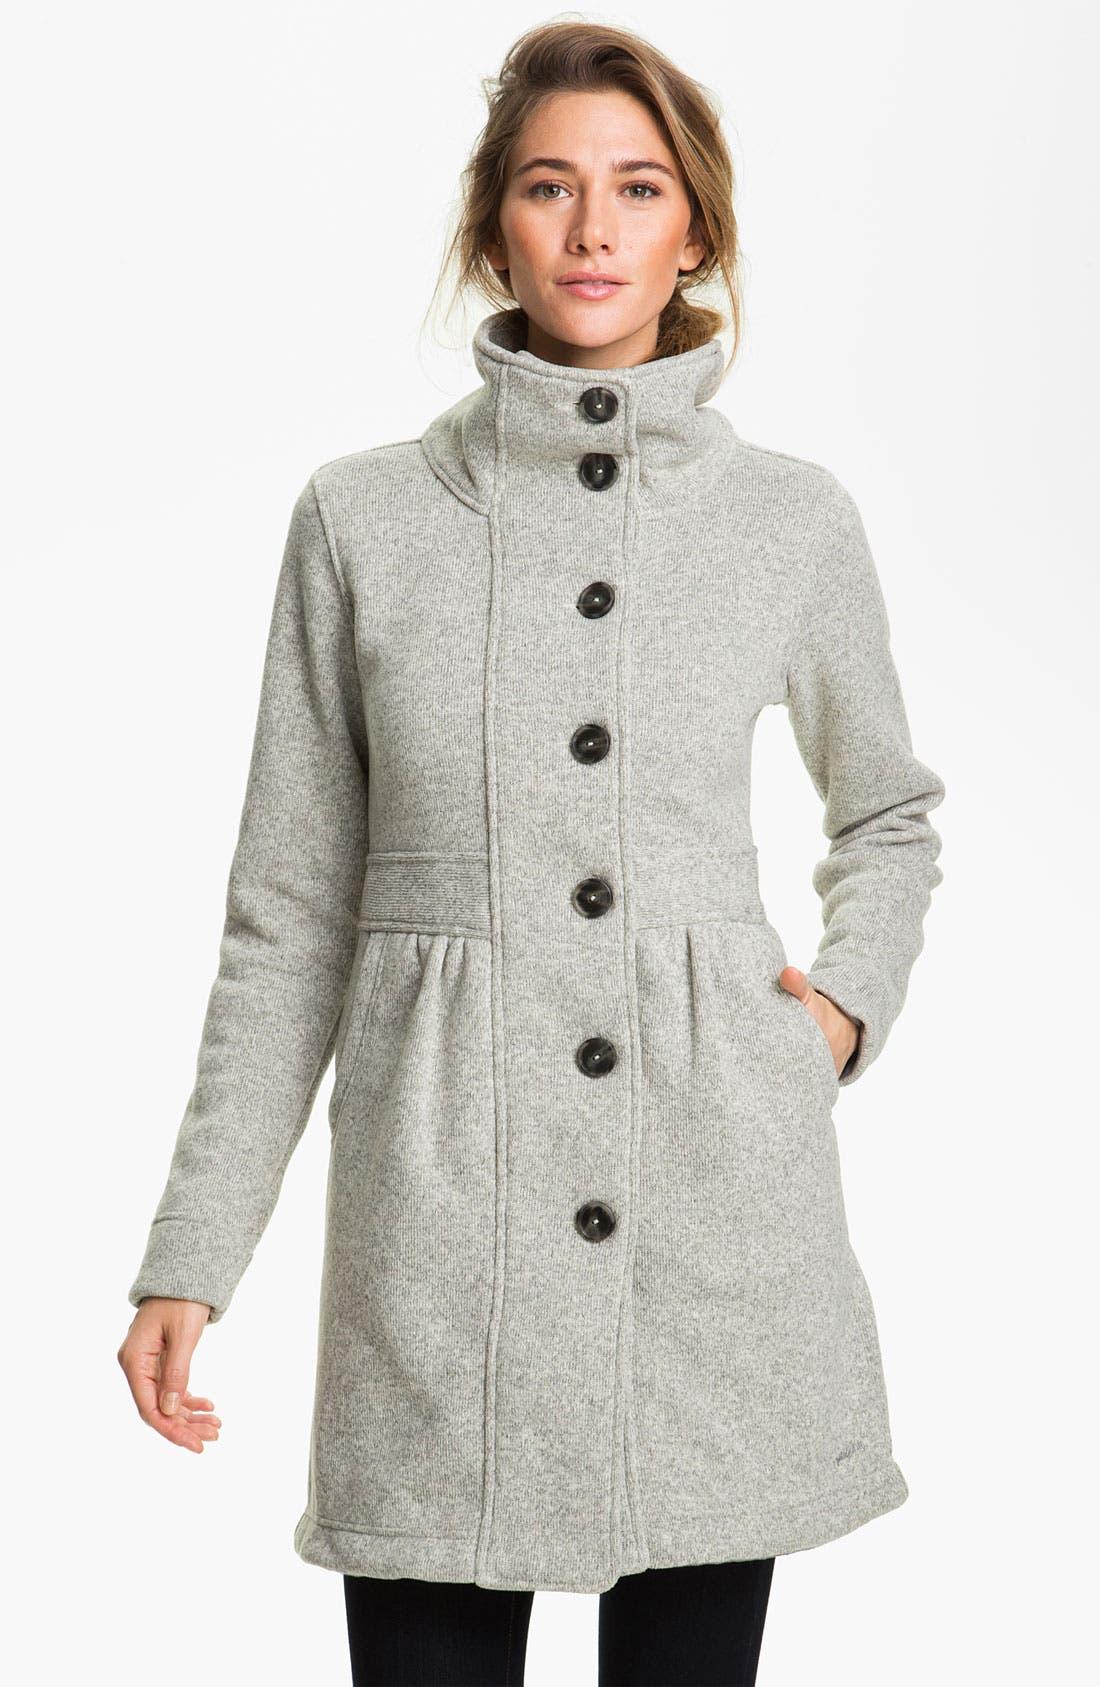 Alternate Image 1 Selected - Patagonia 'Better Sweater' Coat